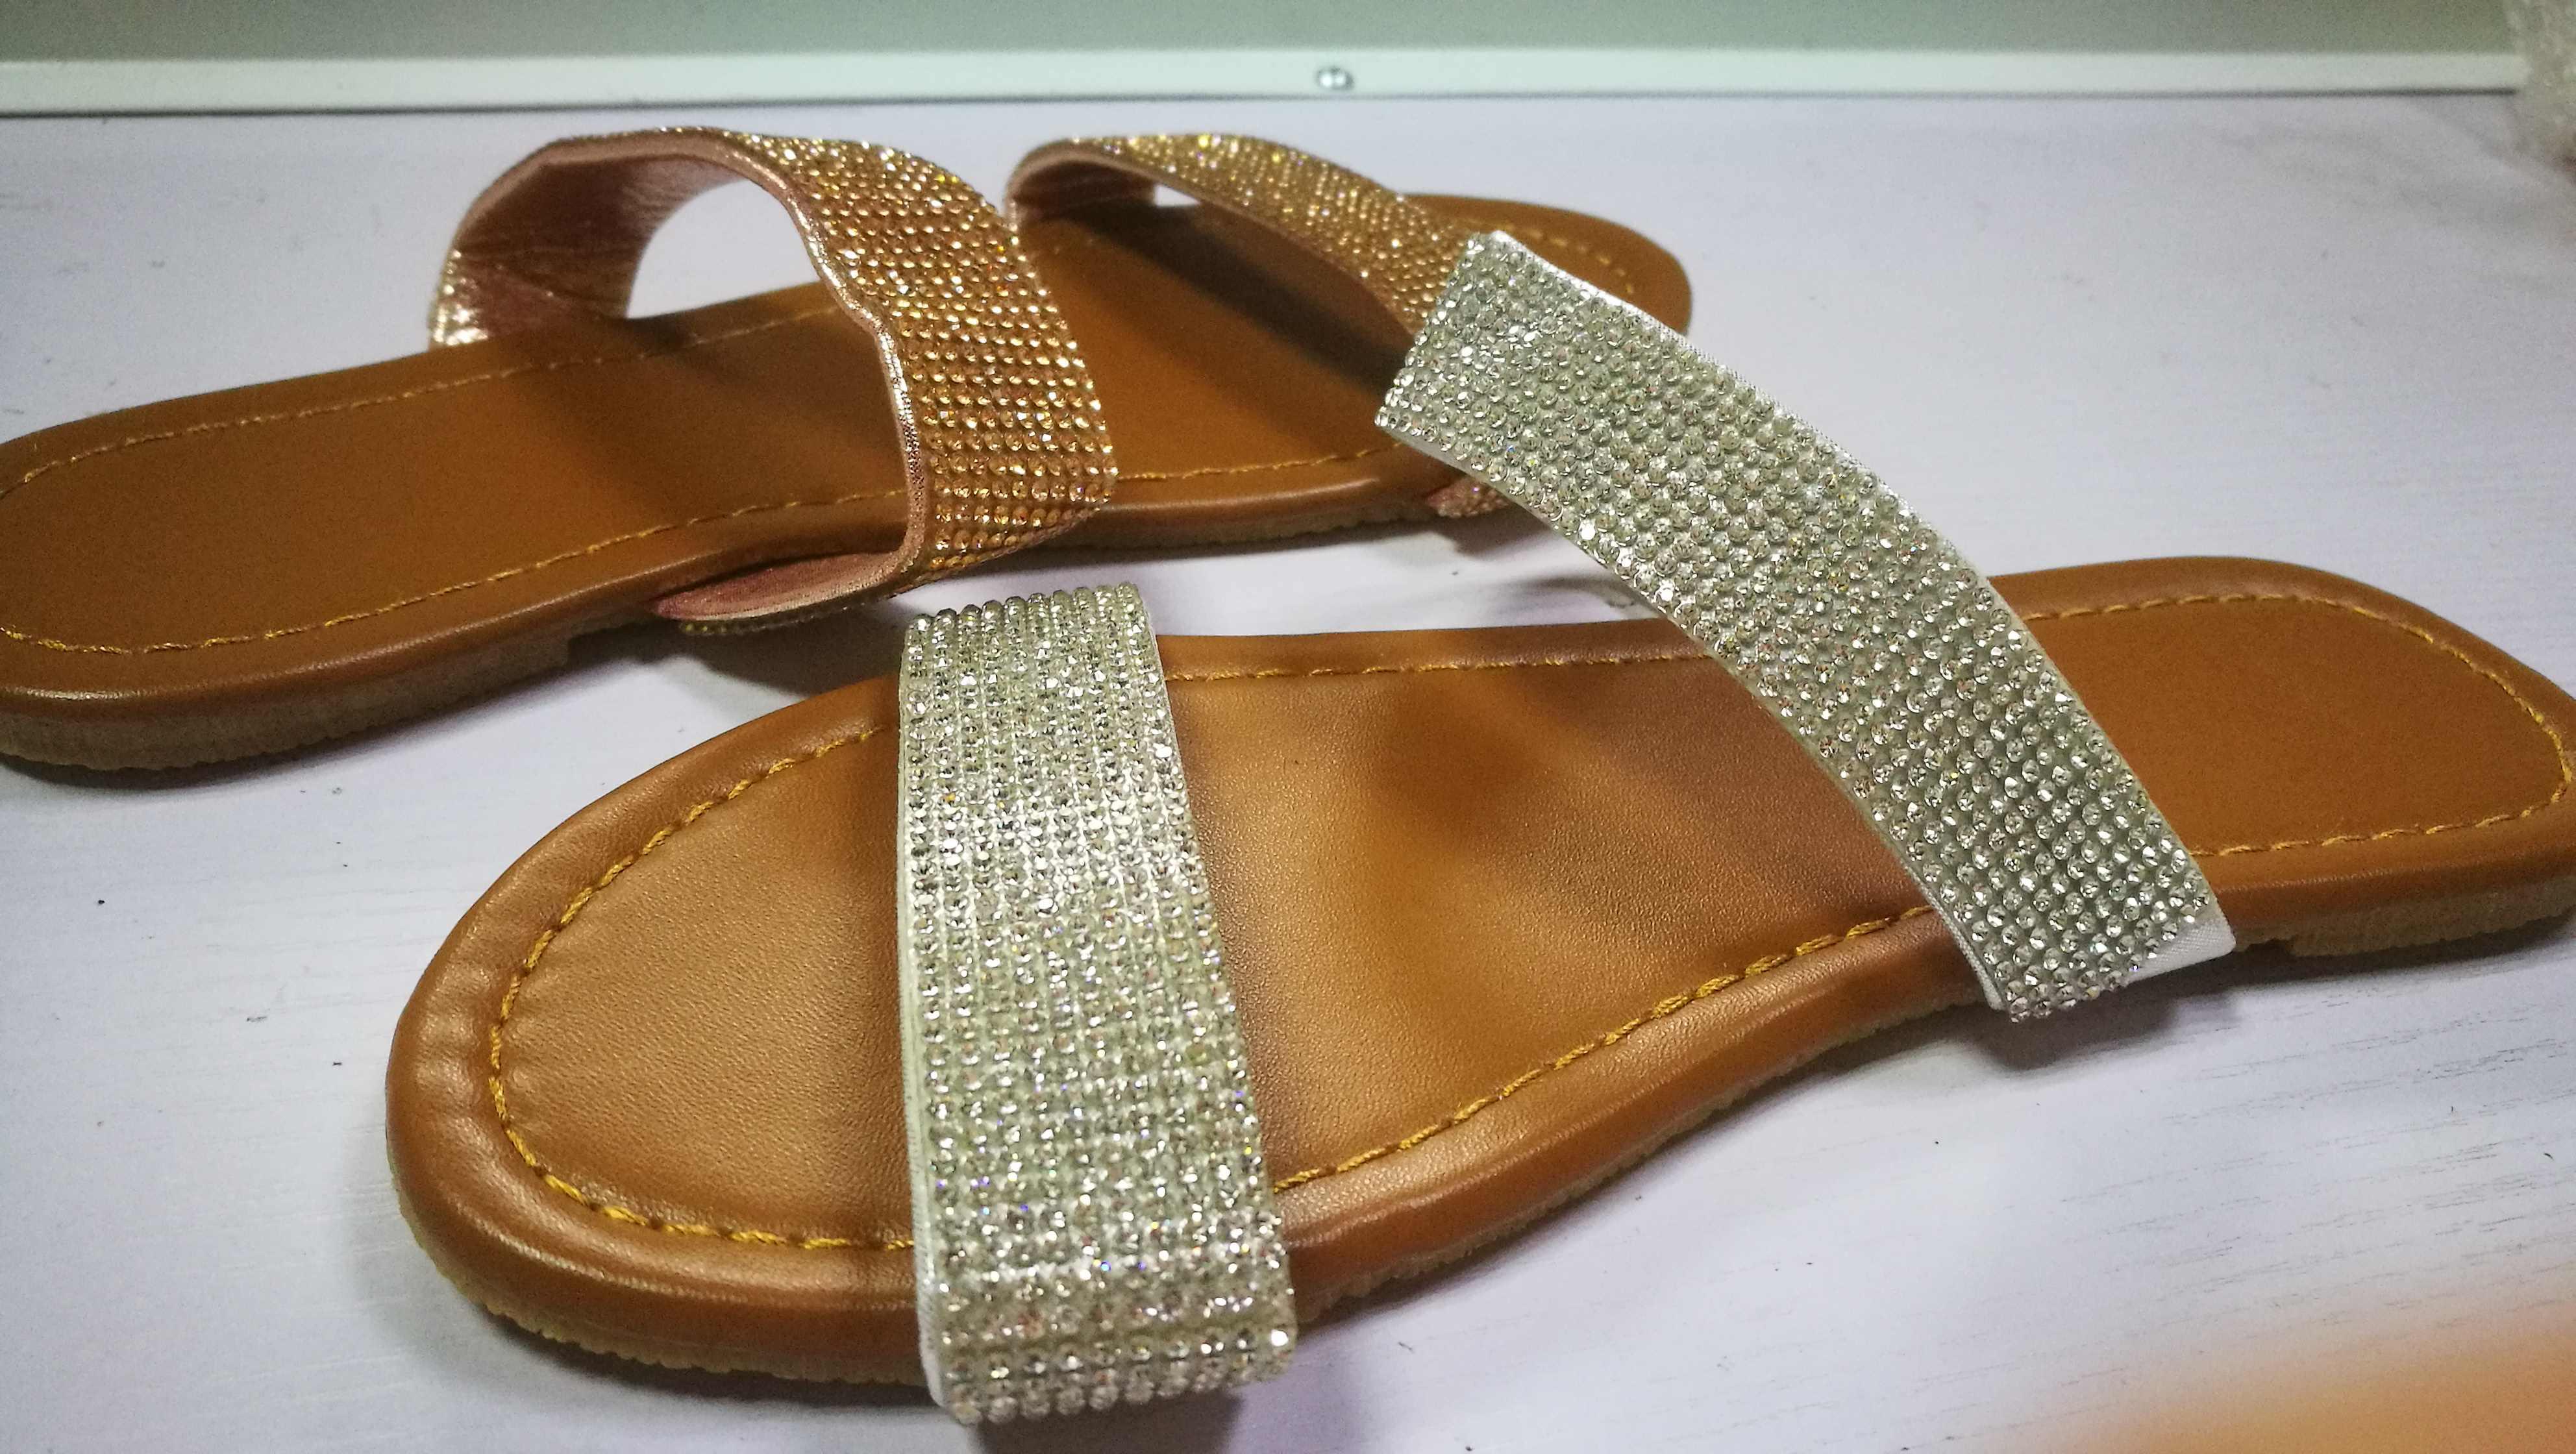 Mùa hè Giày Sandal Nữ Pha Lê Sáng Bóng Trơn Cắt Ra Nữ Đế Bằng Ngoài Trời Kỳ Nghỉ Trượt 9046-2